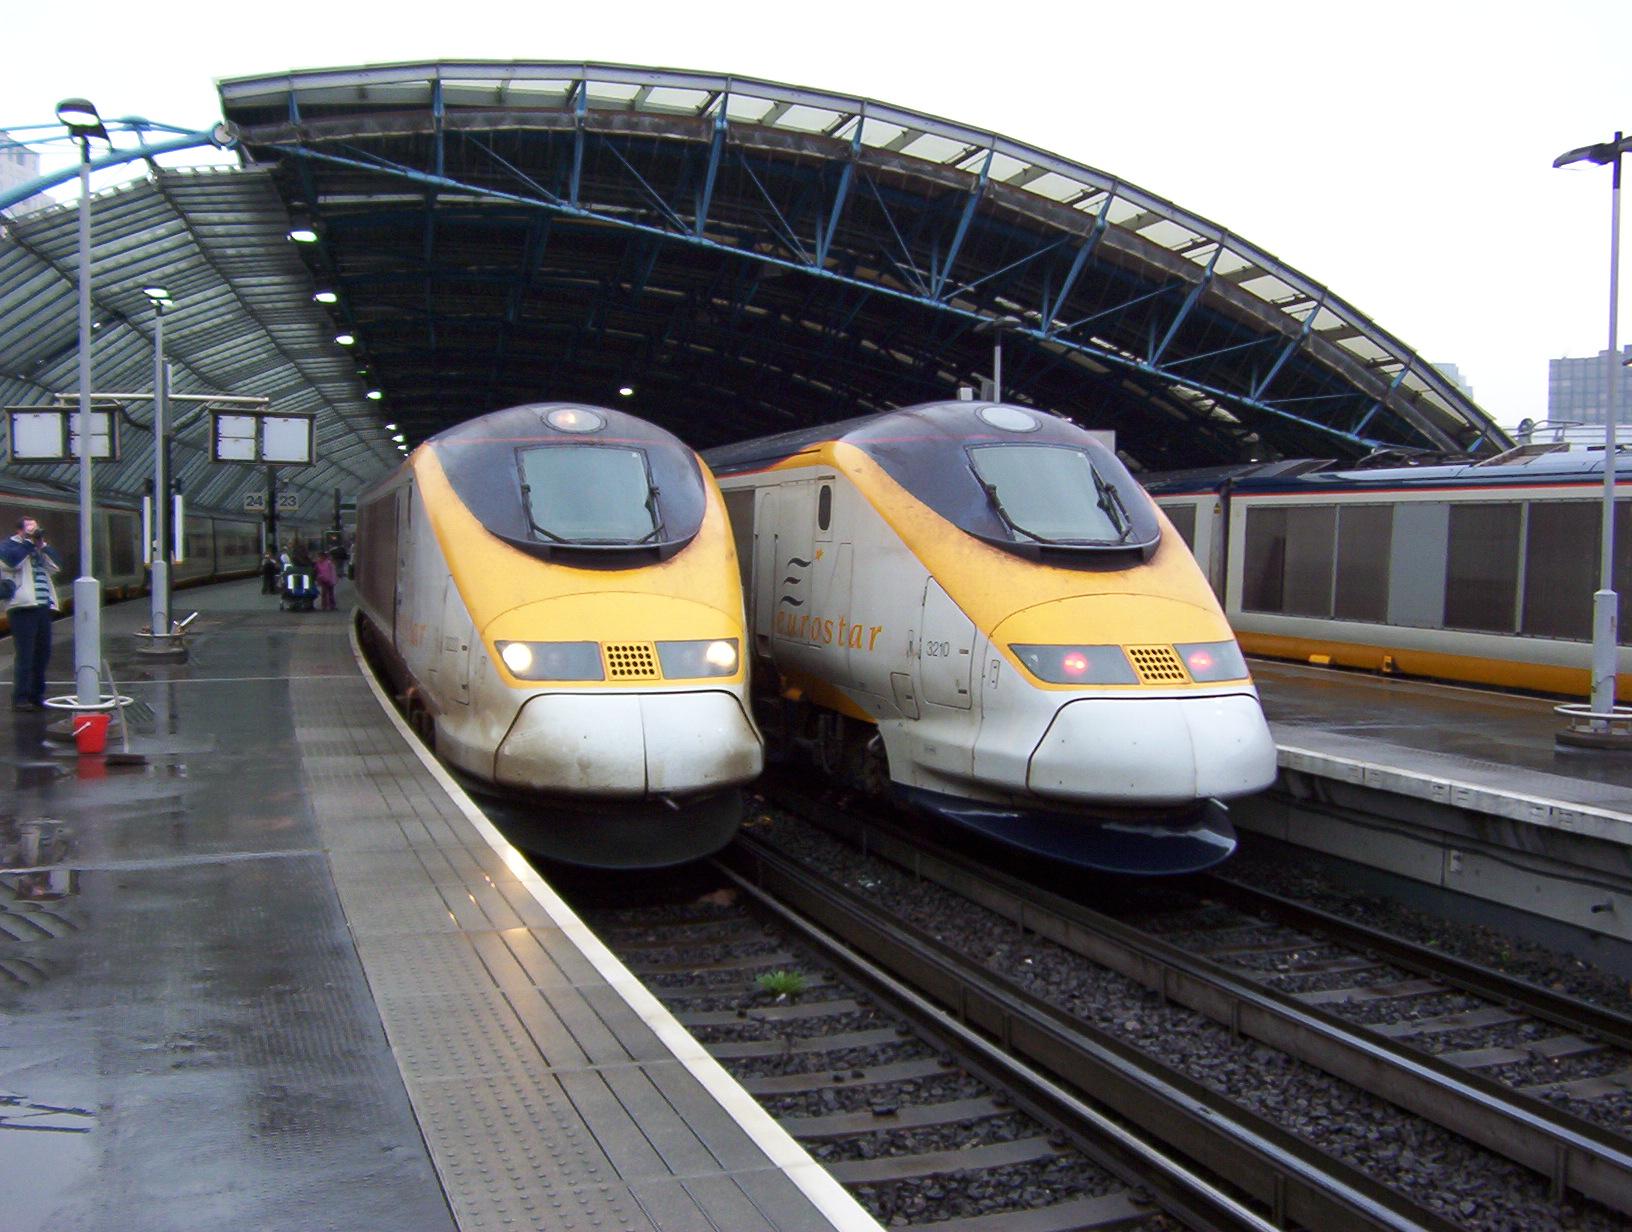 런던-암스테르담 직행 유로스타가 4월 4일부터 이용가능해지다!